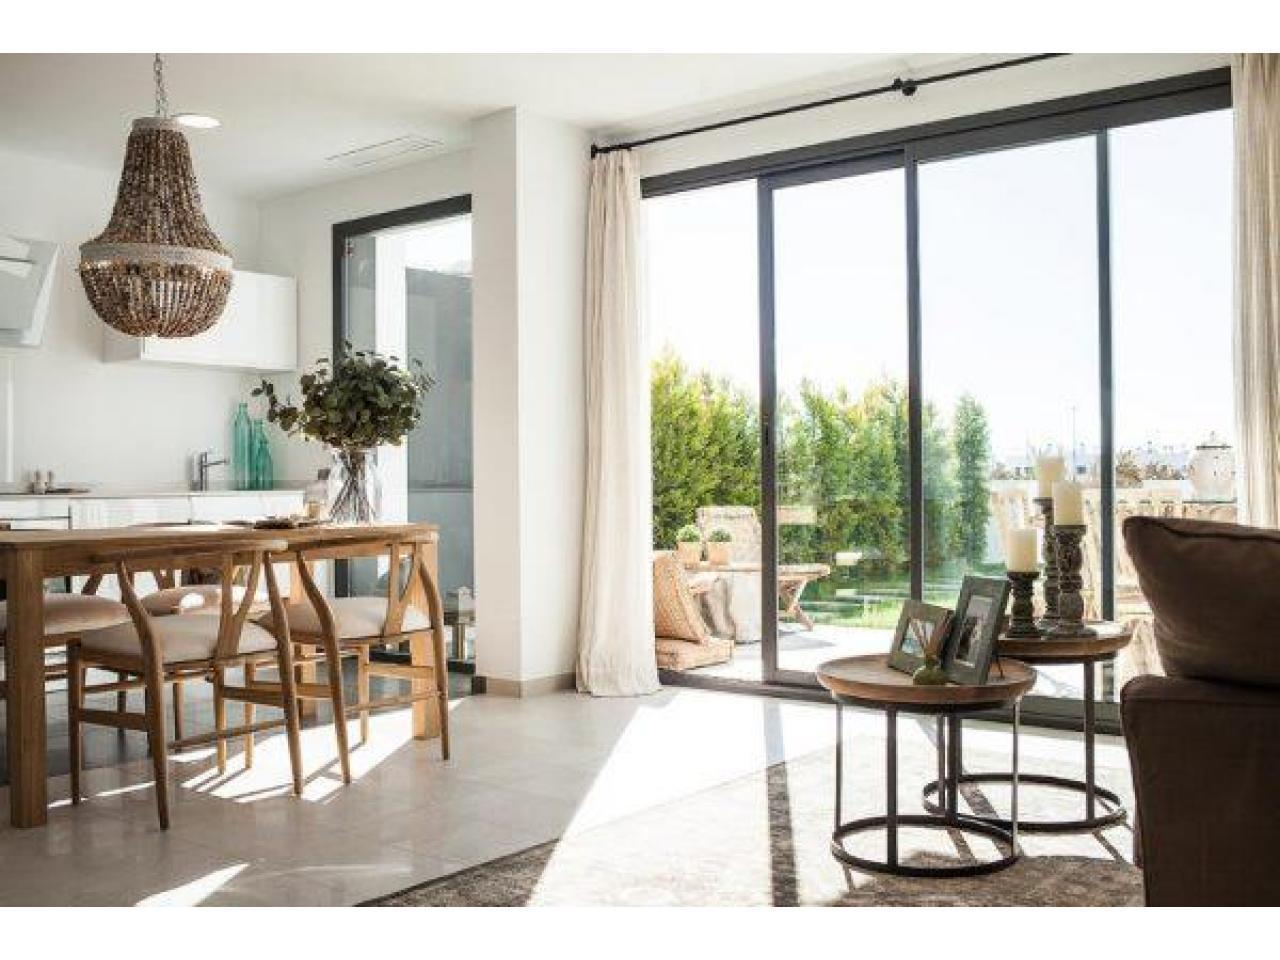 Недвижимость в Испании, Новые бунгало рядом с пляжем от застройщика в Торре де ла Орадада - 2